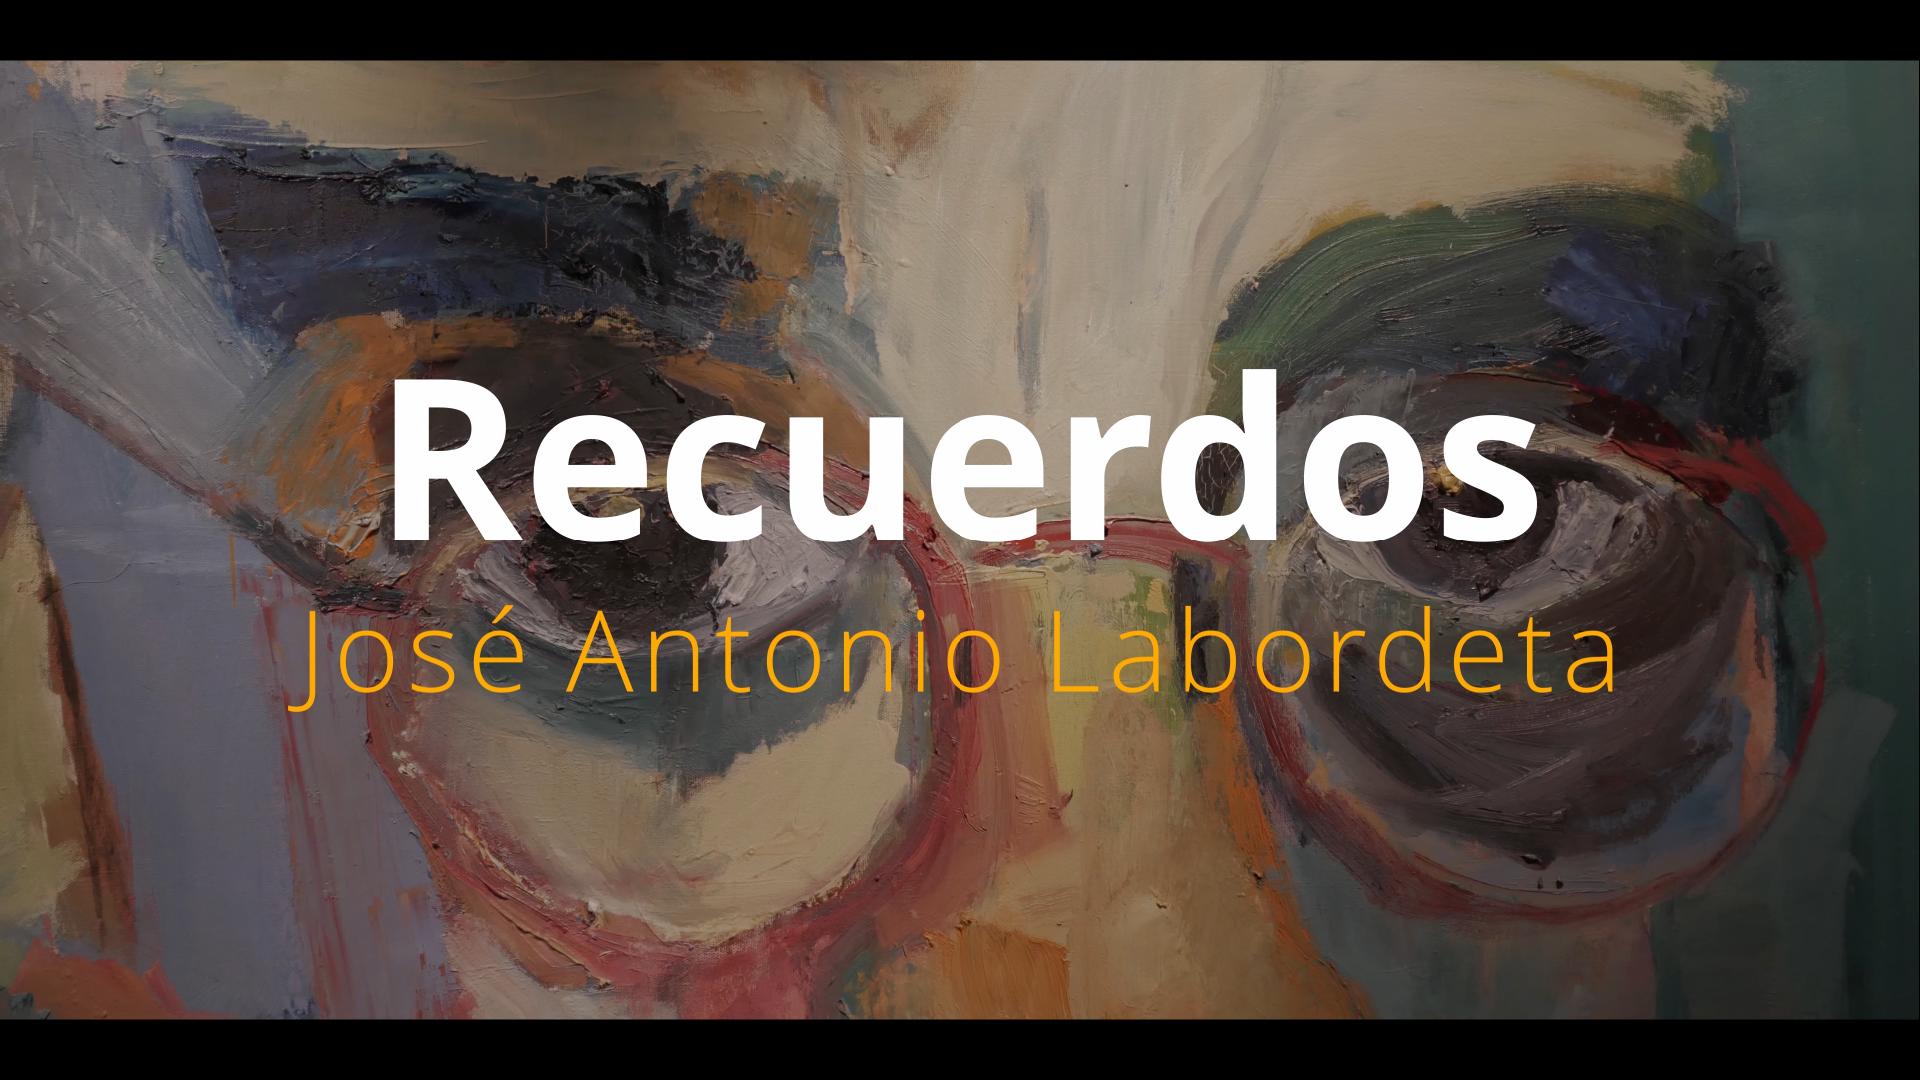 Recuerdos José Antonio Labordeta